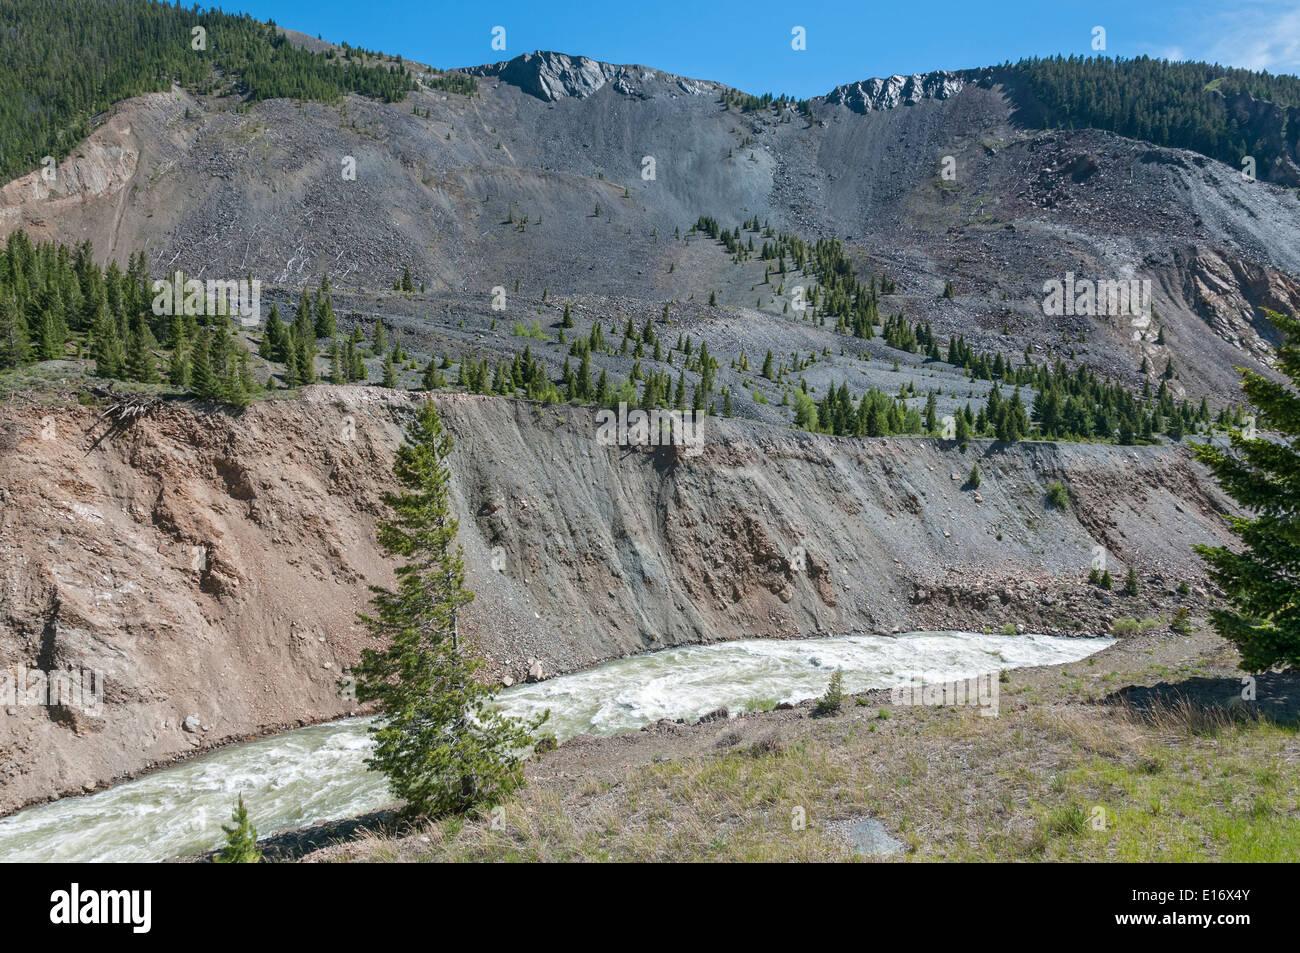 montana madison river canyon 1959 hebgen lake earthquake slide